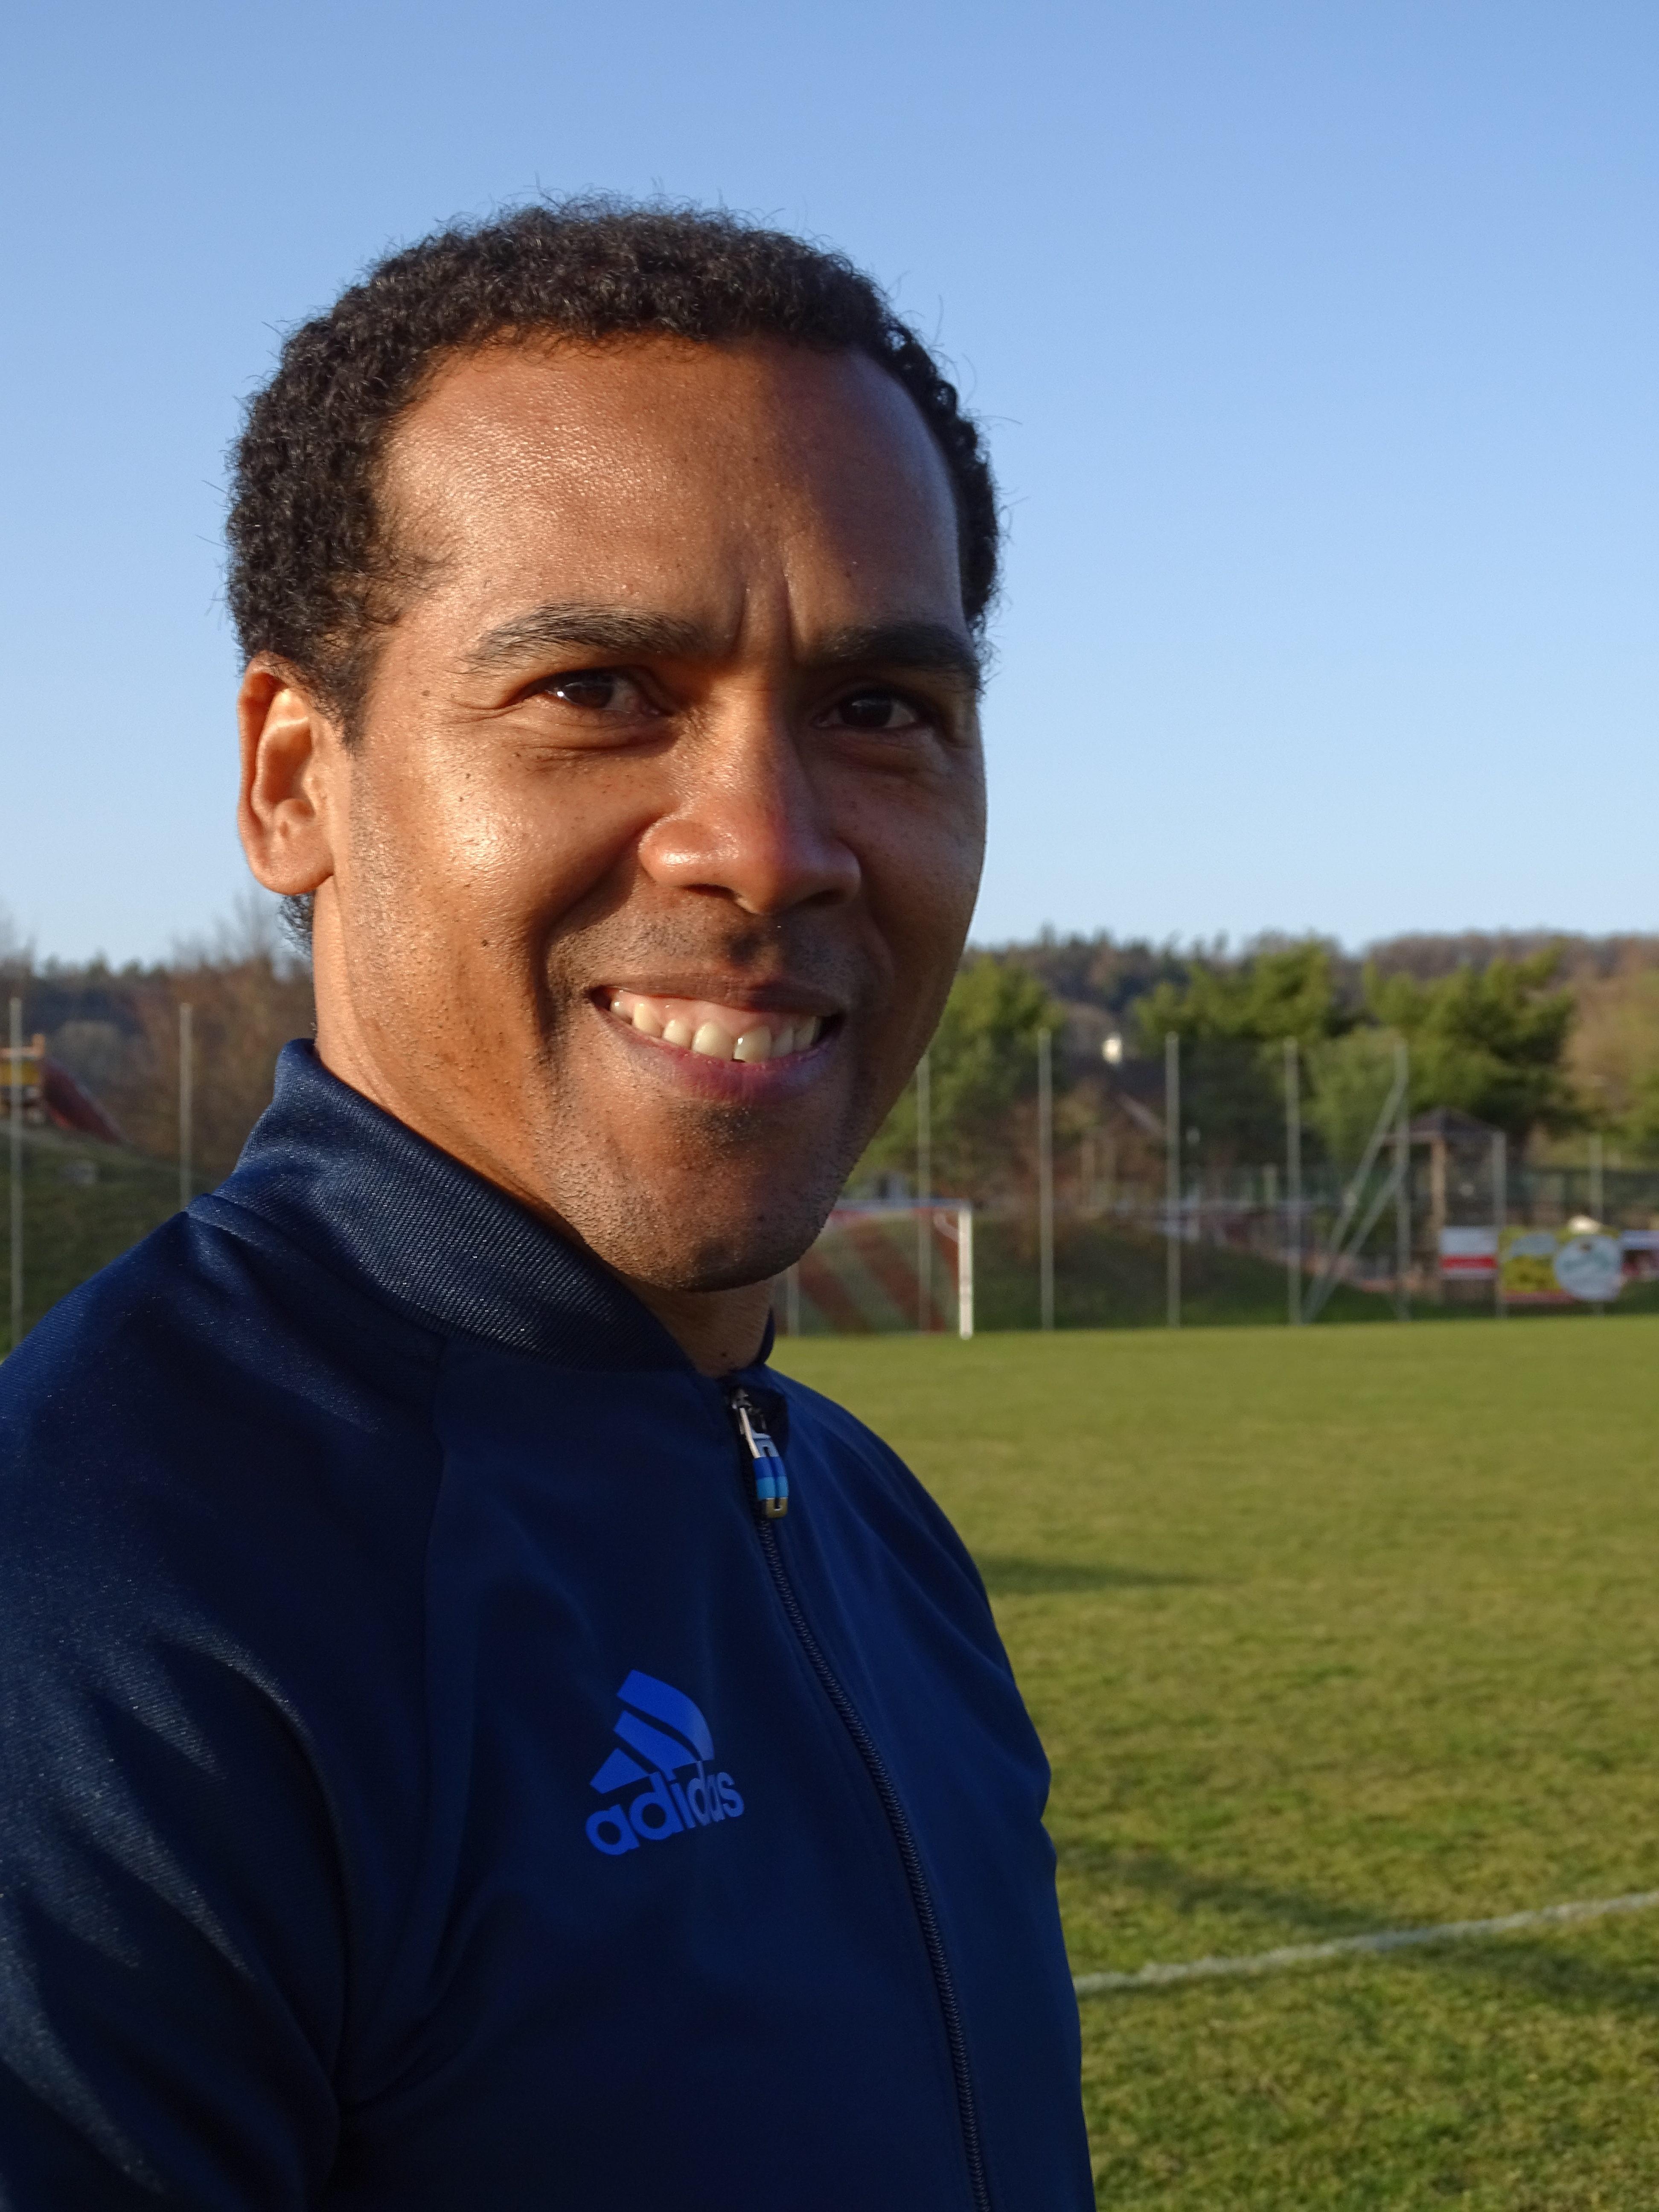 Fabio A. Vidal neuer Trainer der 2ten Mannschaft